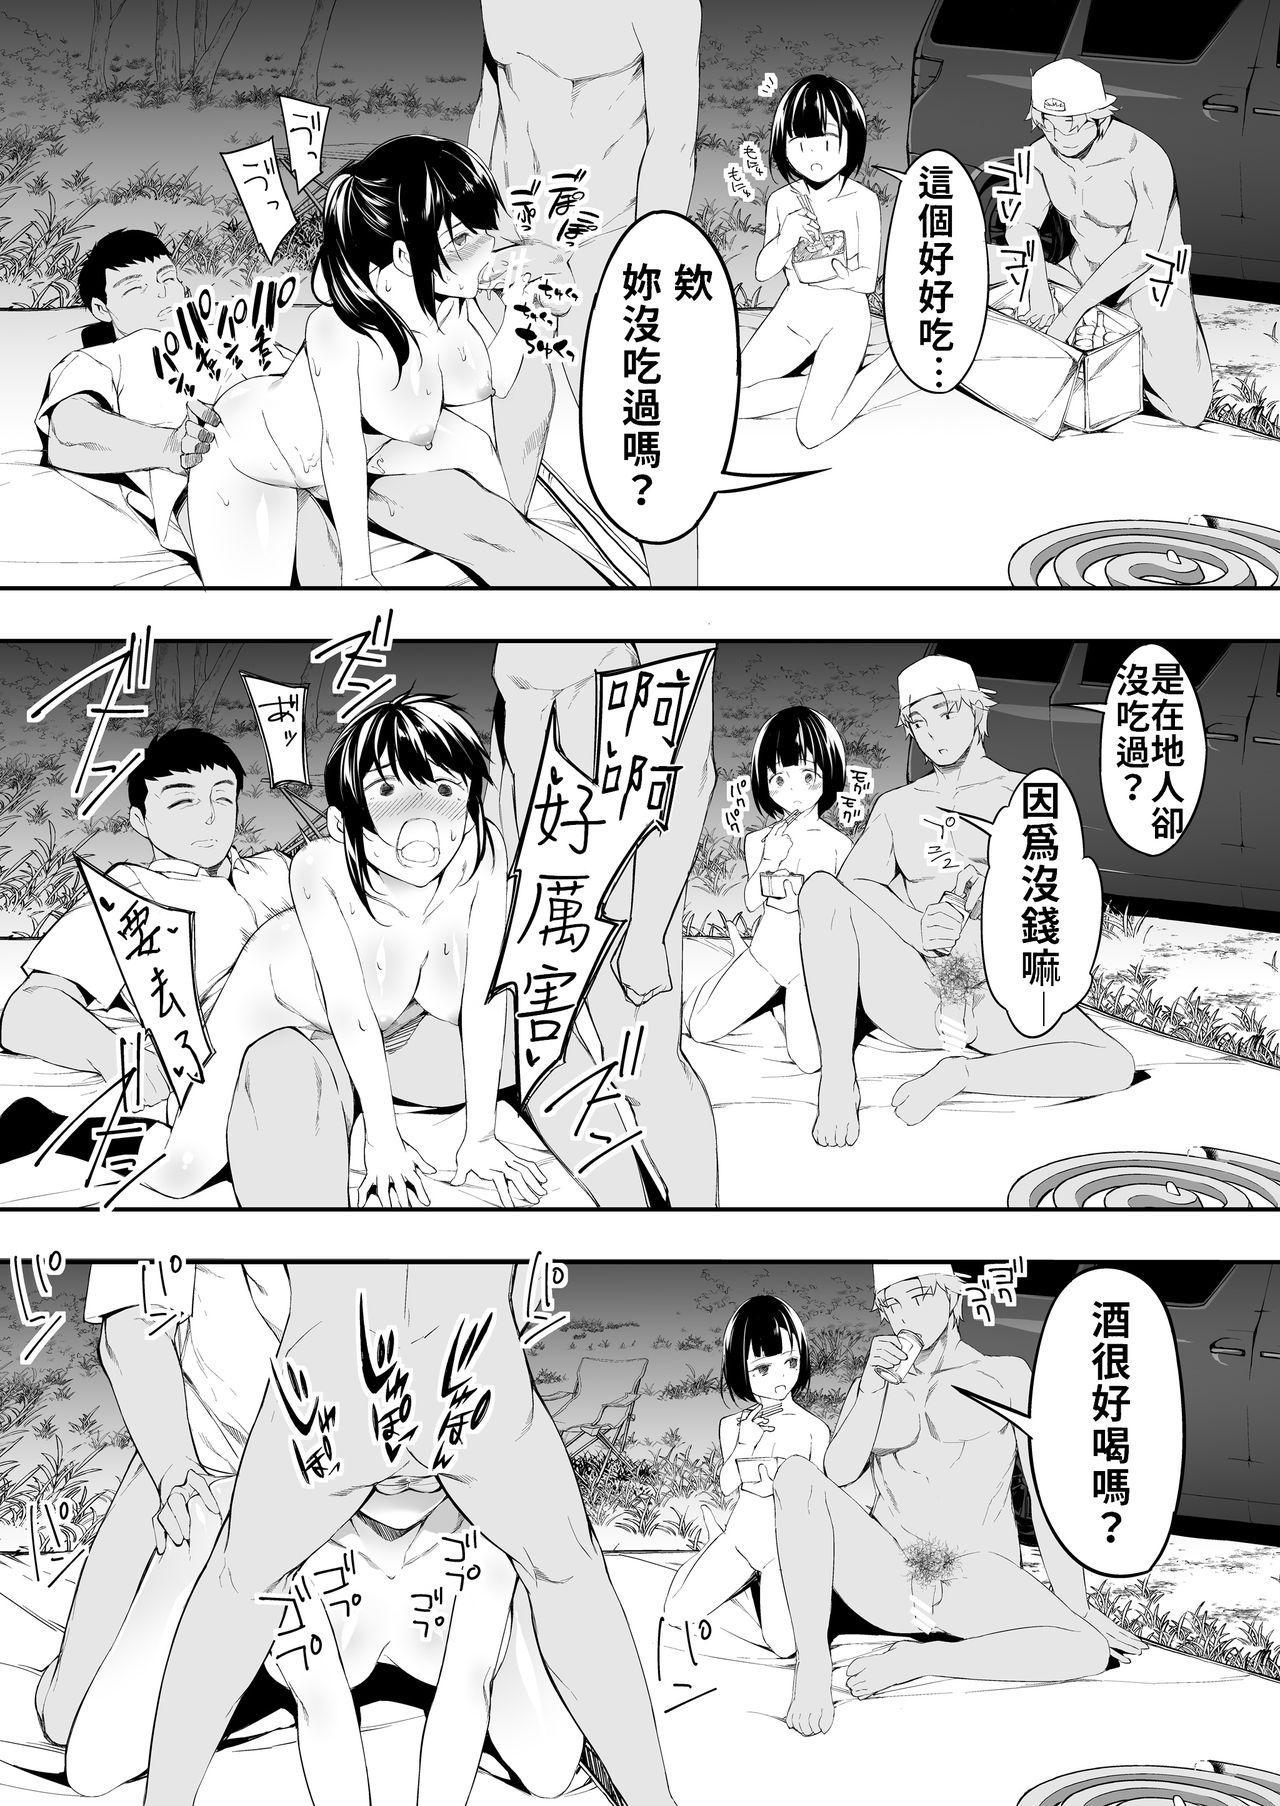 Panpan Travelers Hakata Shuudan Rape Ryokou | 吃飯兼炒飯TRAVELERS~博多集團強●旅行 109